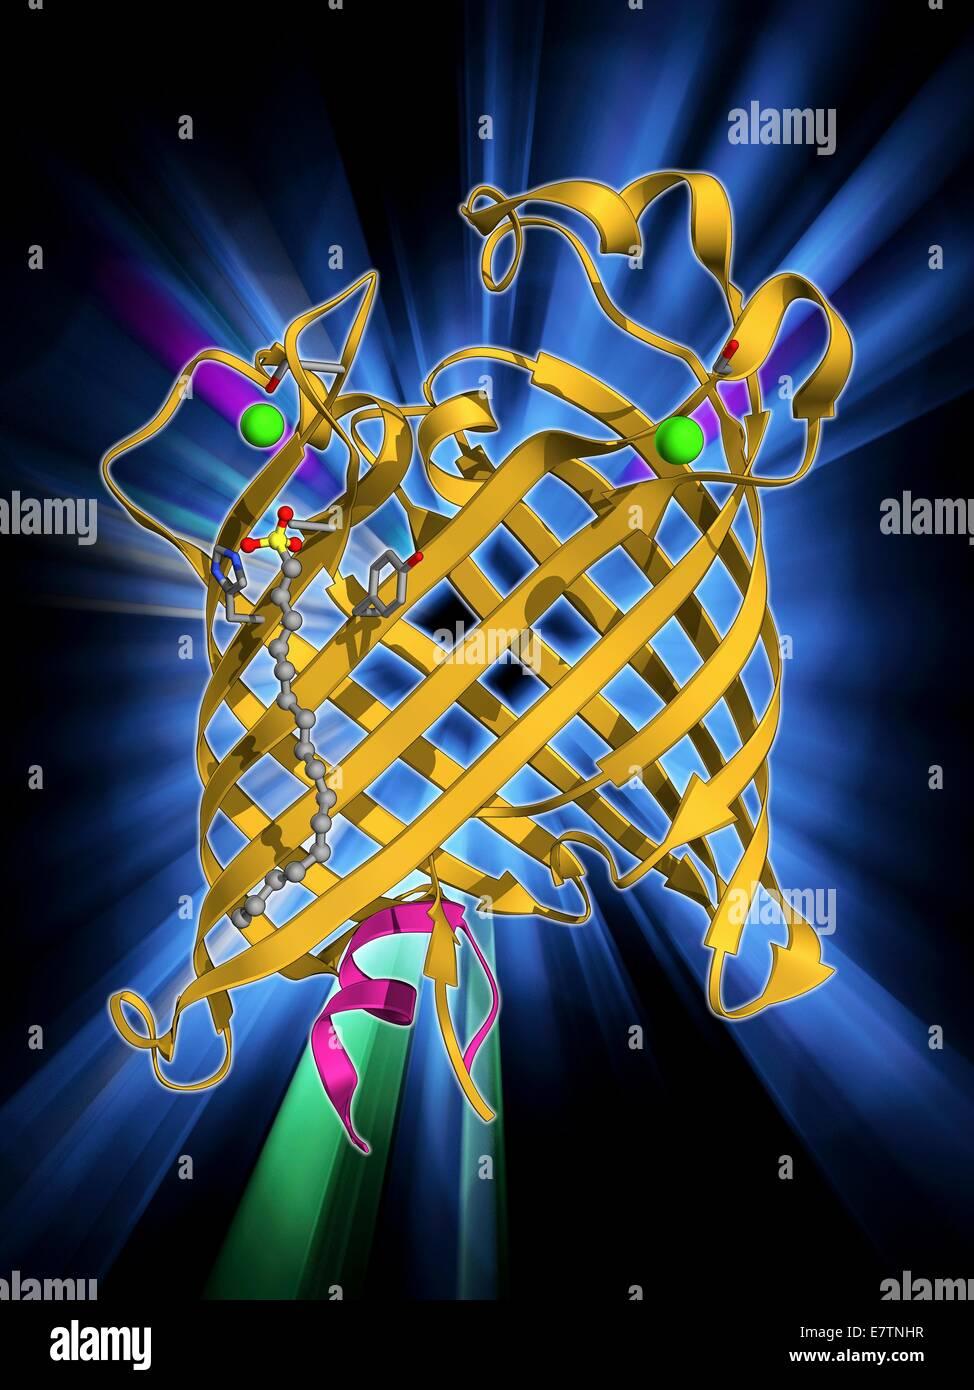 La membrane externe à la phospholipase A. Le modèle moléculaire de la protéine intégrale de membrane, la membrane externe de la phospholipase d'une bactérie Escherichia coli. Les phospholipases sont des enzymes qui catalysent la répartition des phospholipides dans les acides gras. Dans E. coli phos Banque D'Images